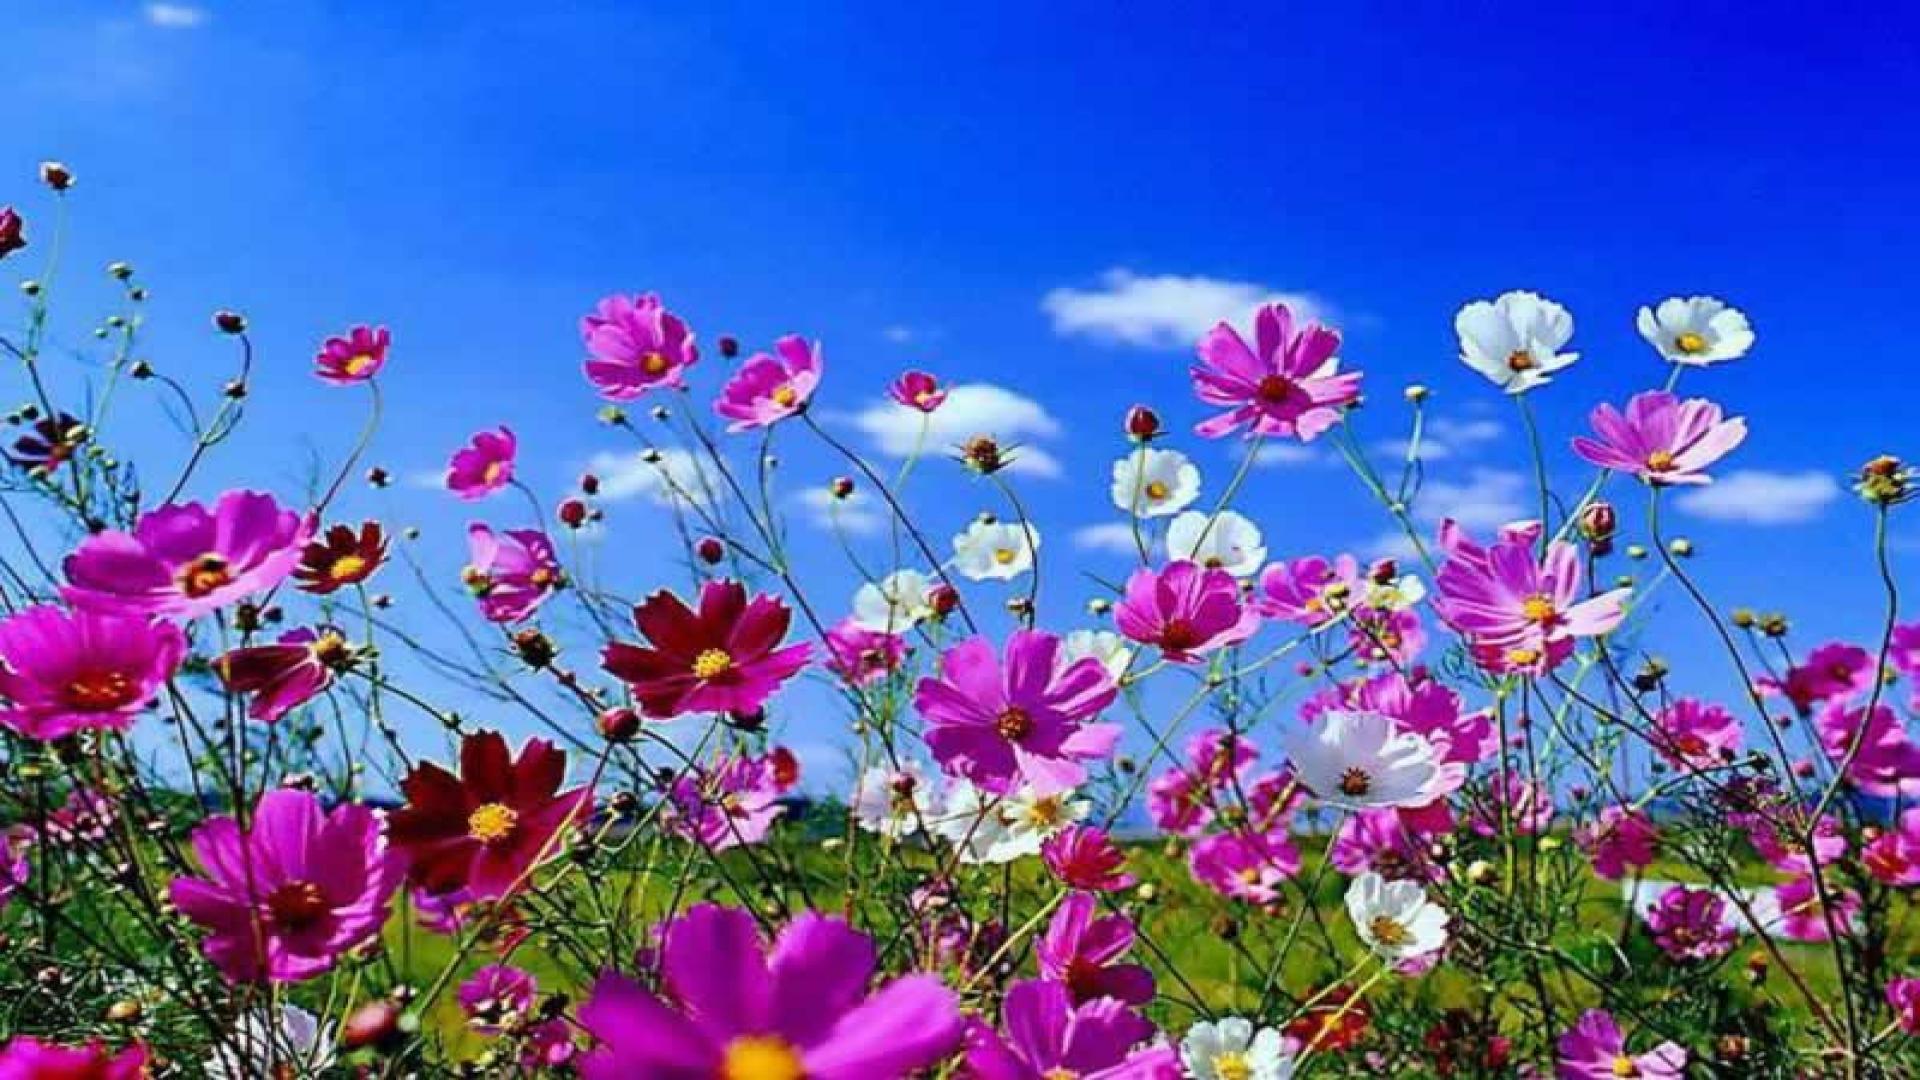 Spring Pictures For Desktop Wallpaper  WallpaperSafari